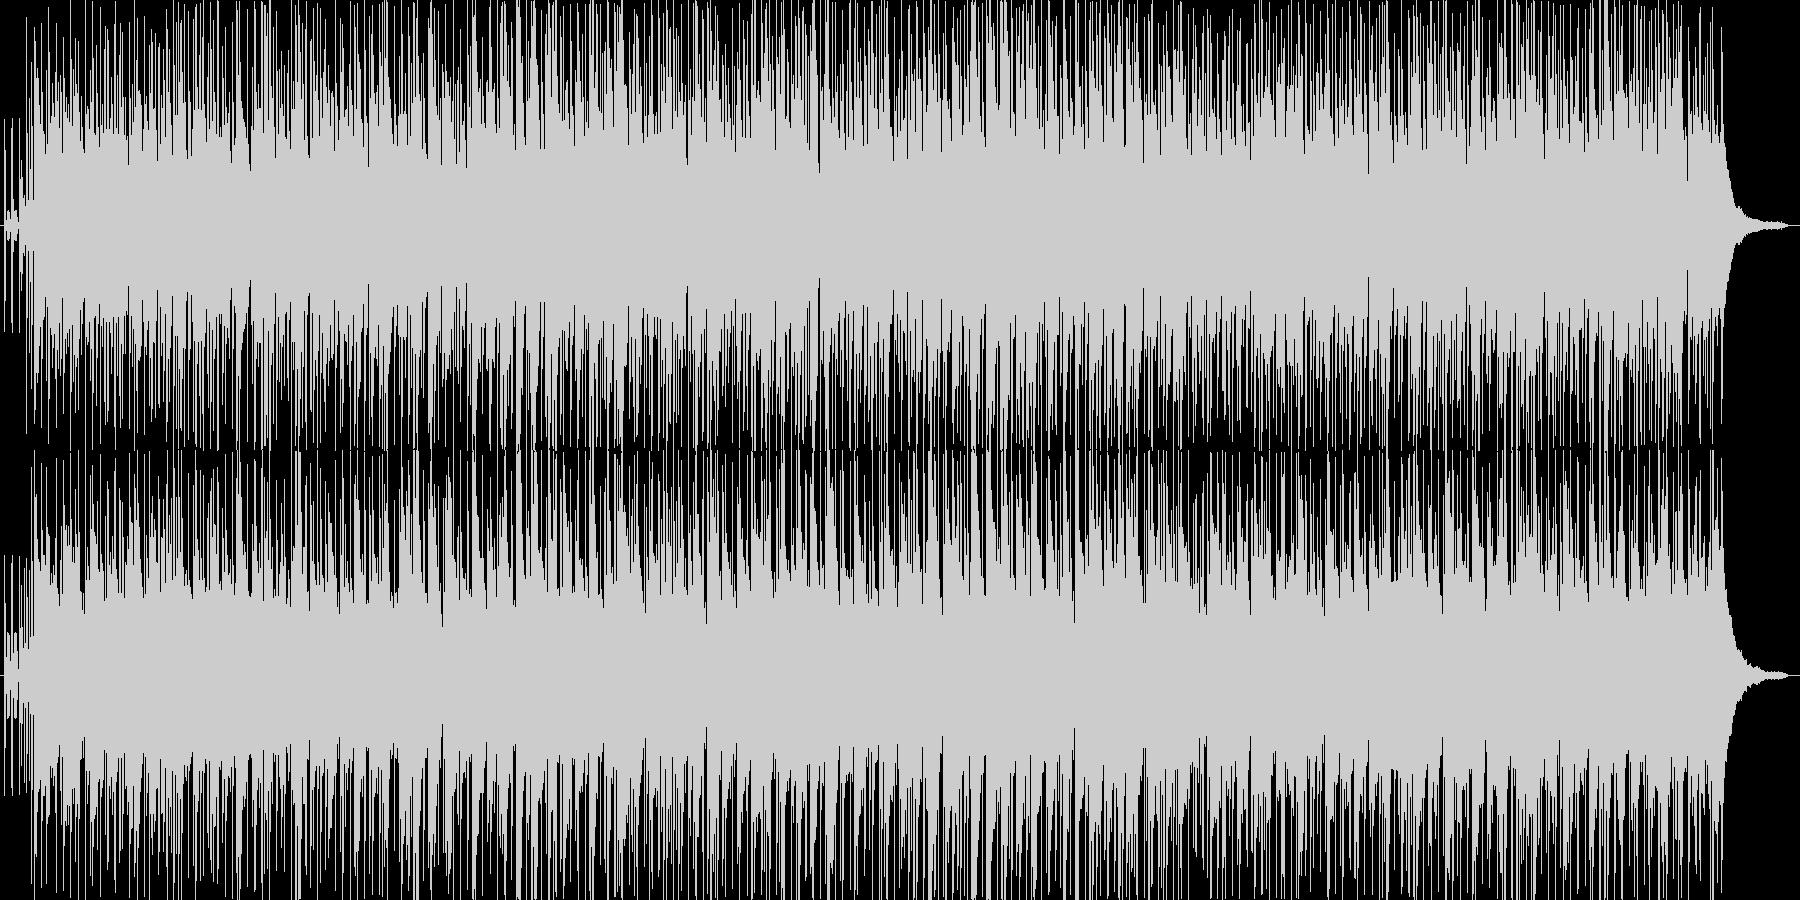 たそがれ時をイメージしたインストの未再生の波形